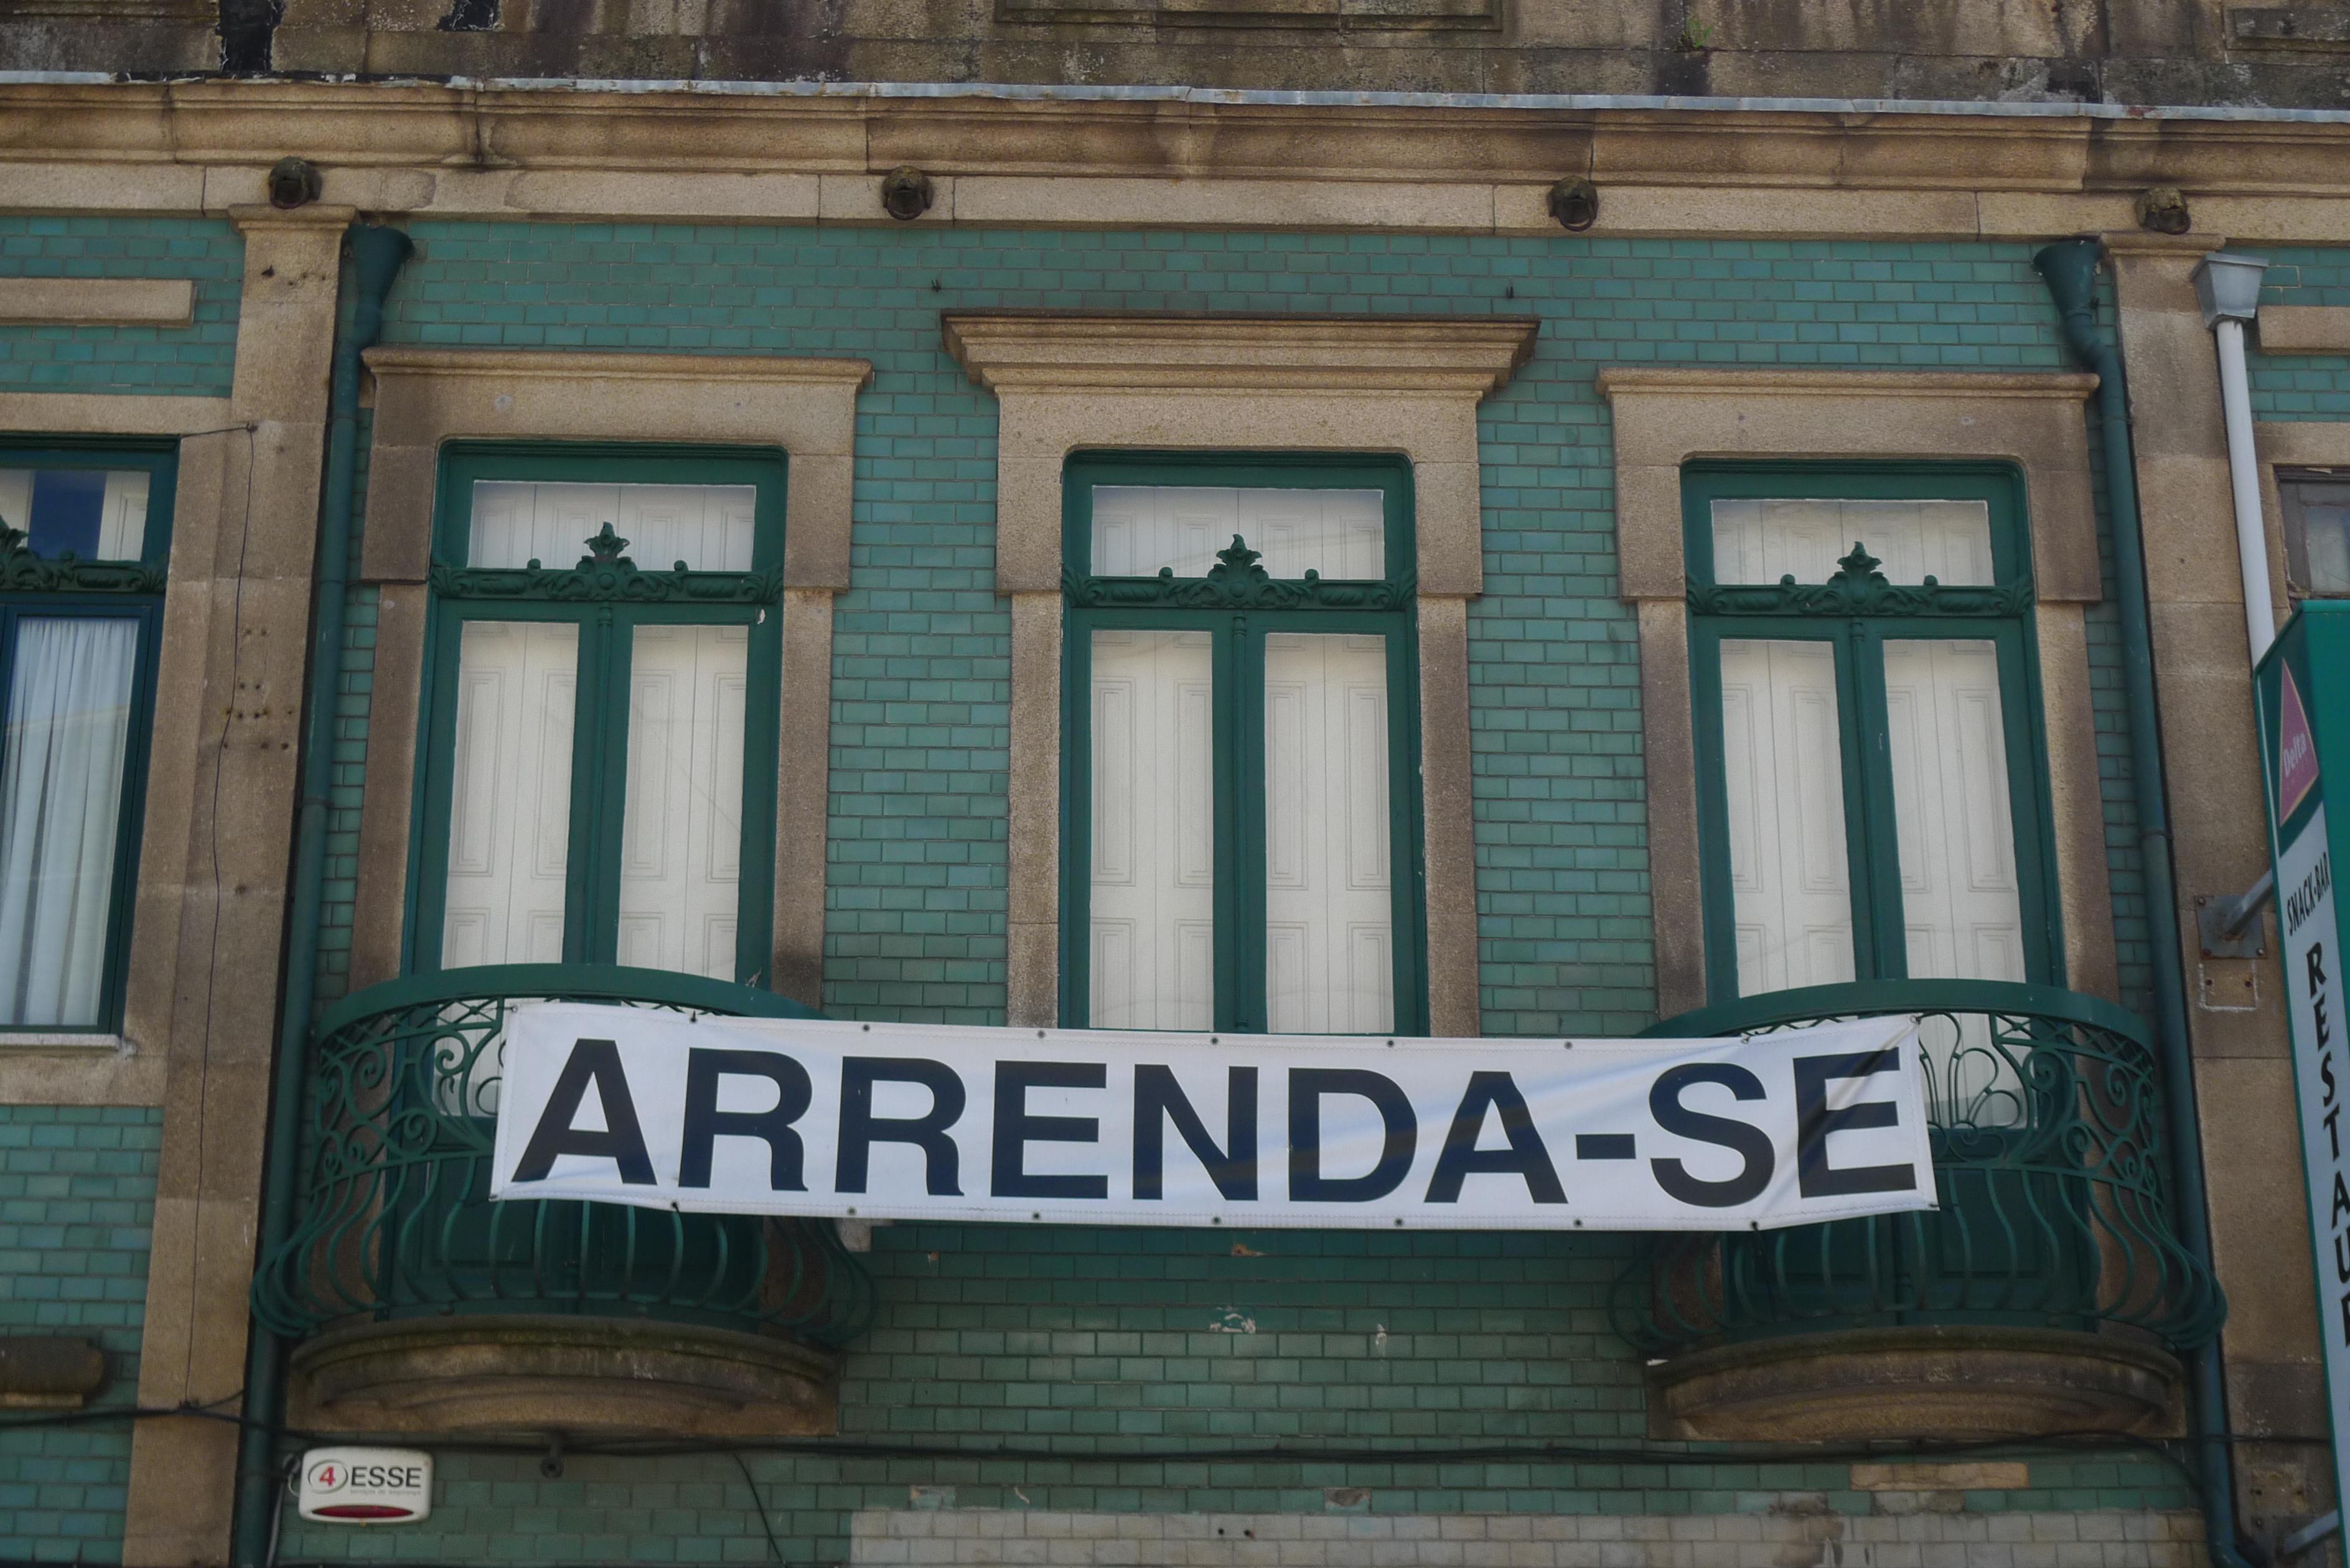 Rendas no Porto registaram uma subida de 1,1% no segundo trimestre deste ano.